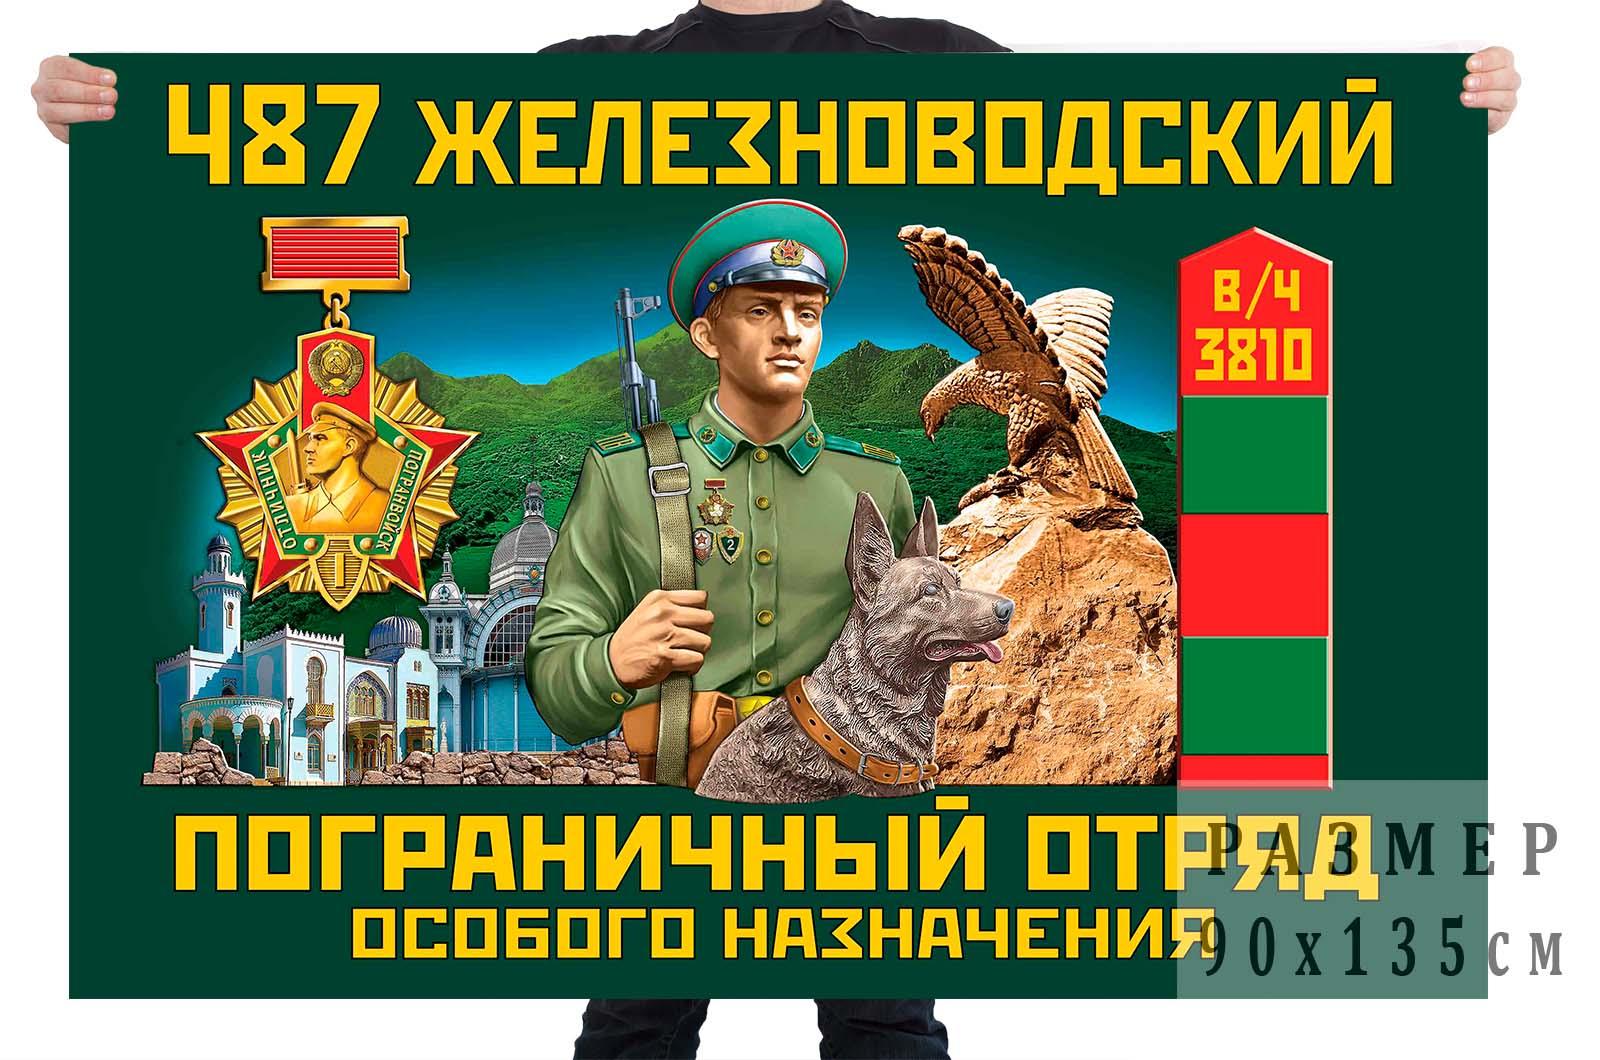 Флаг 487 Железноводского пограничного отряда особого назначения